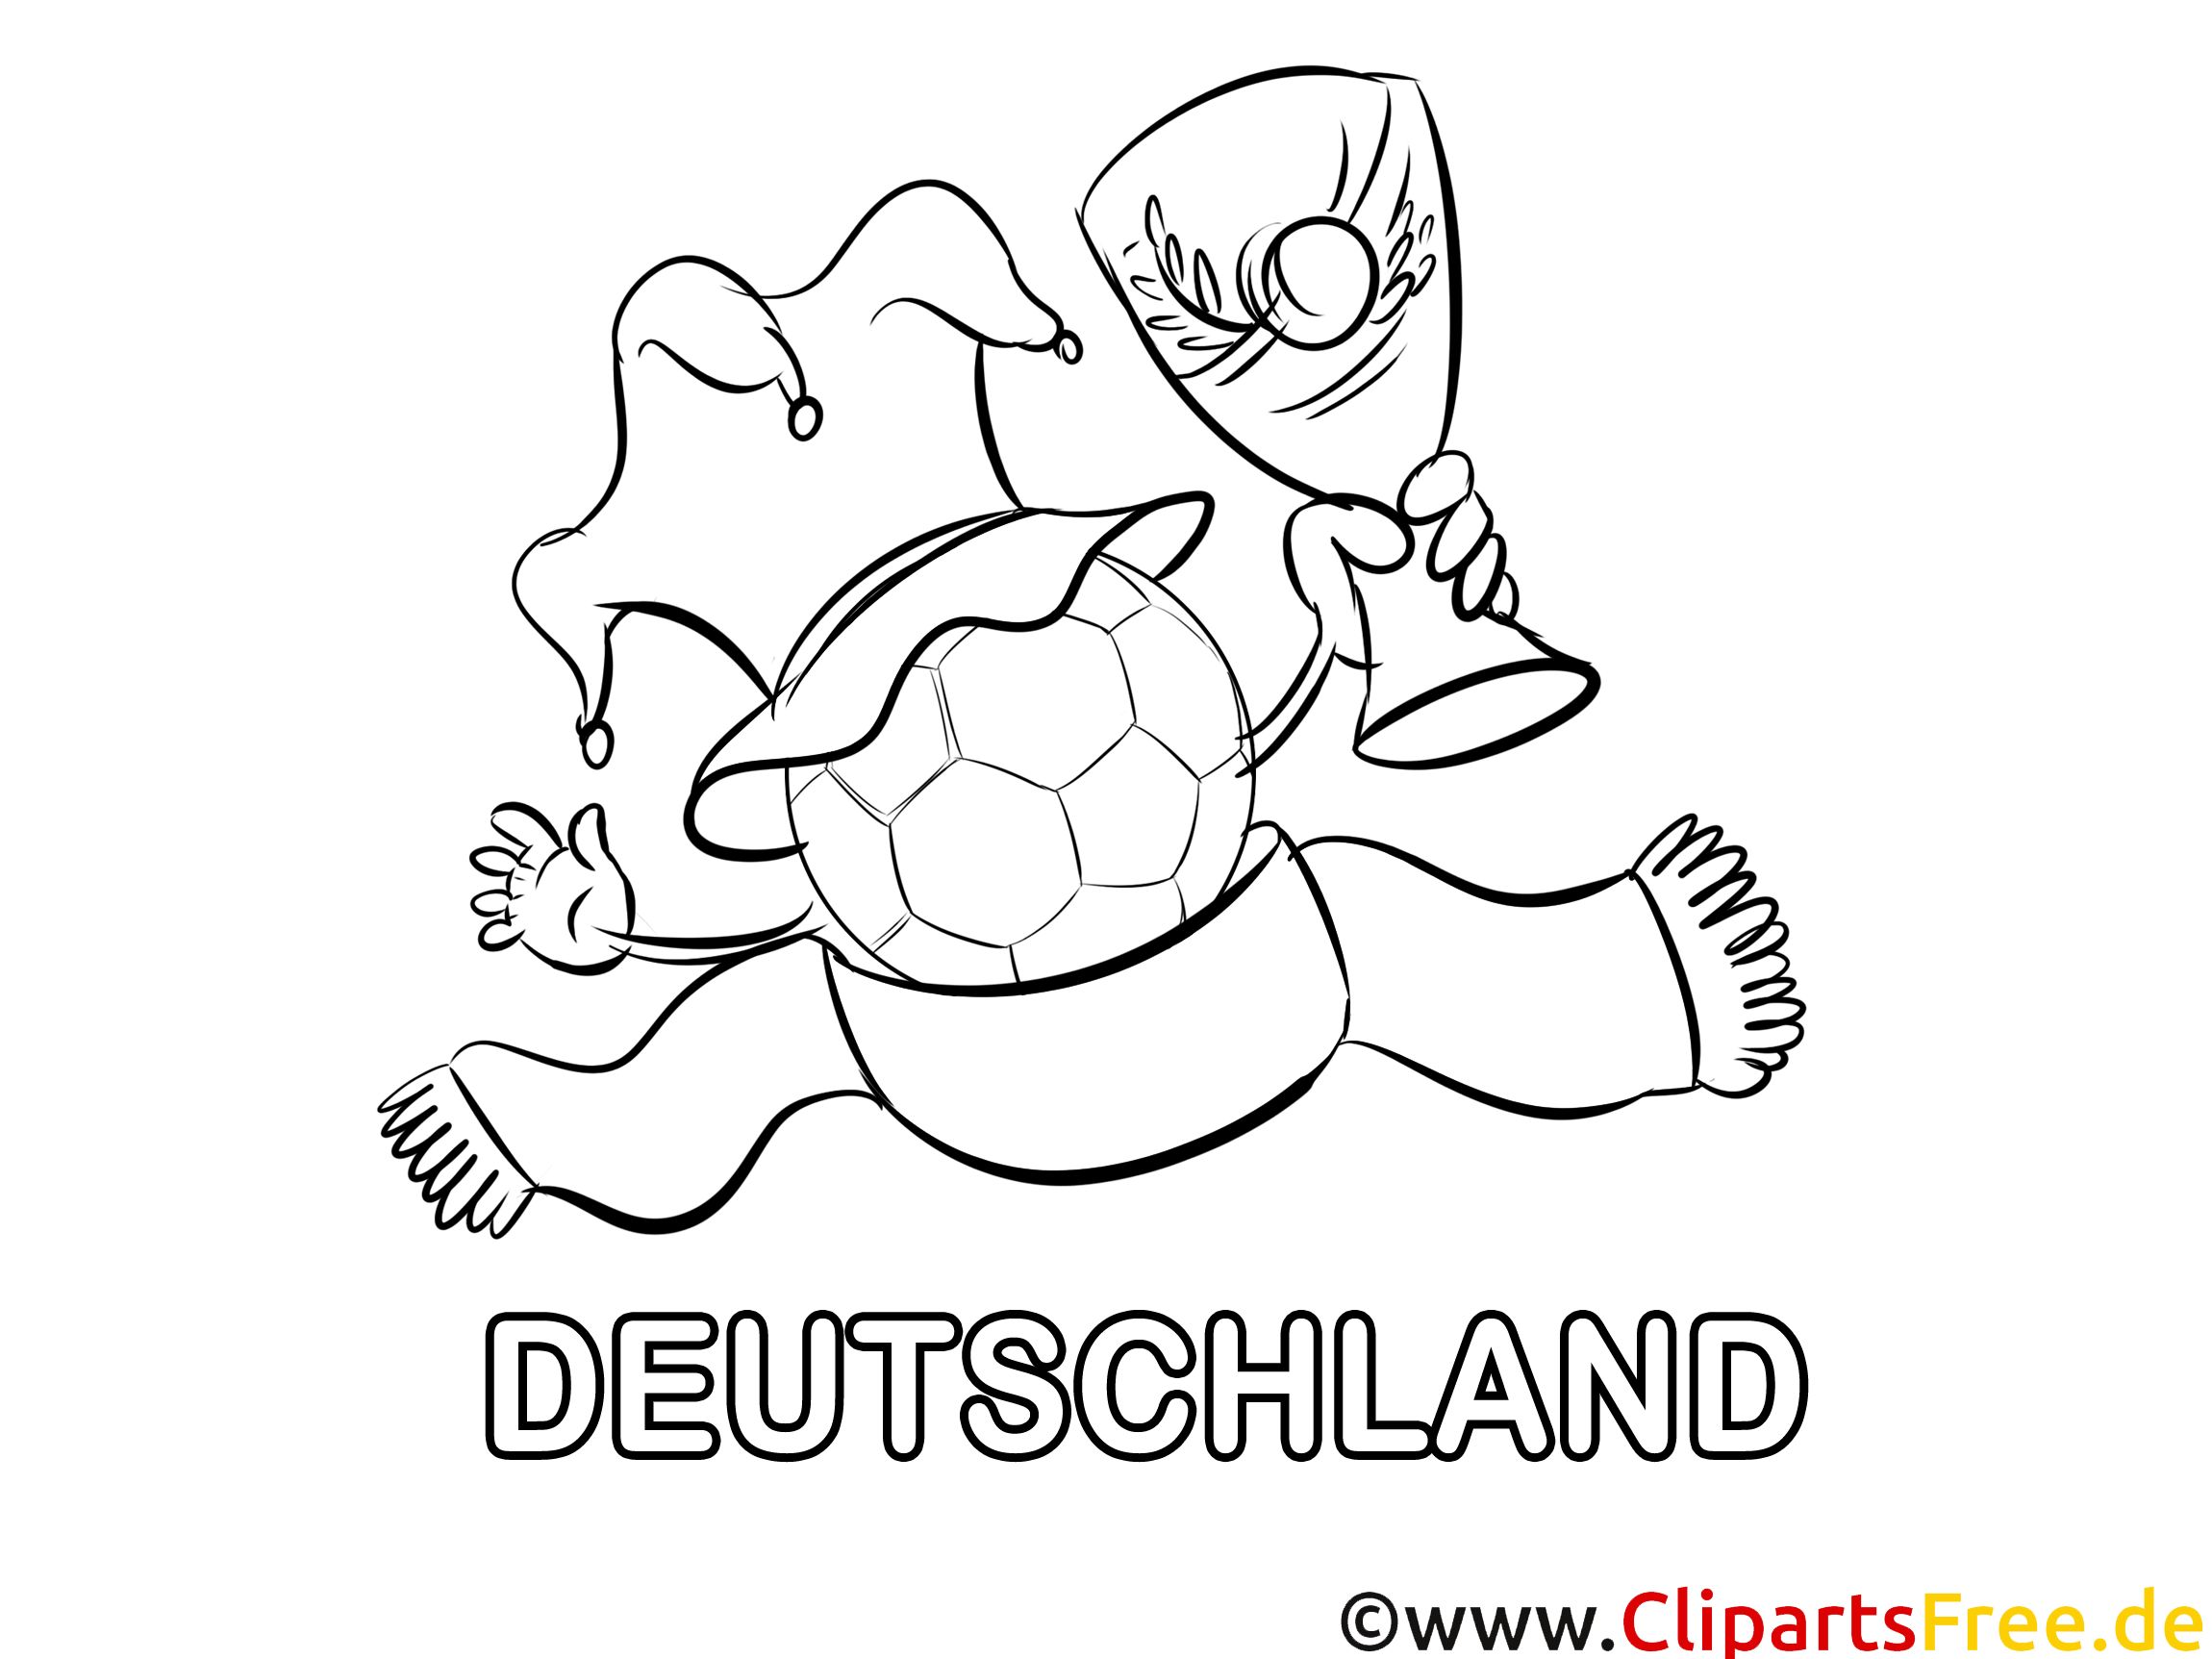 cup ausmalbilder fußball deutschland